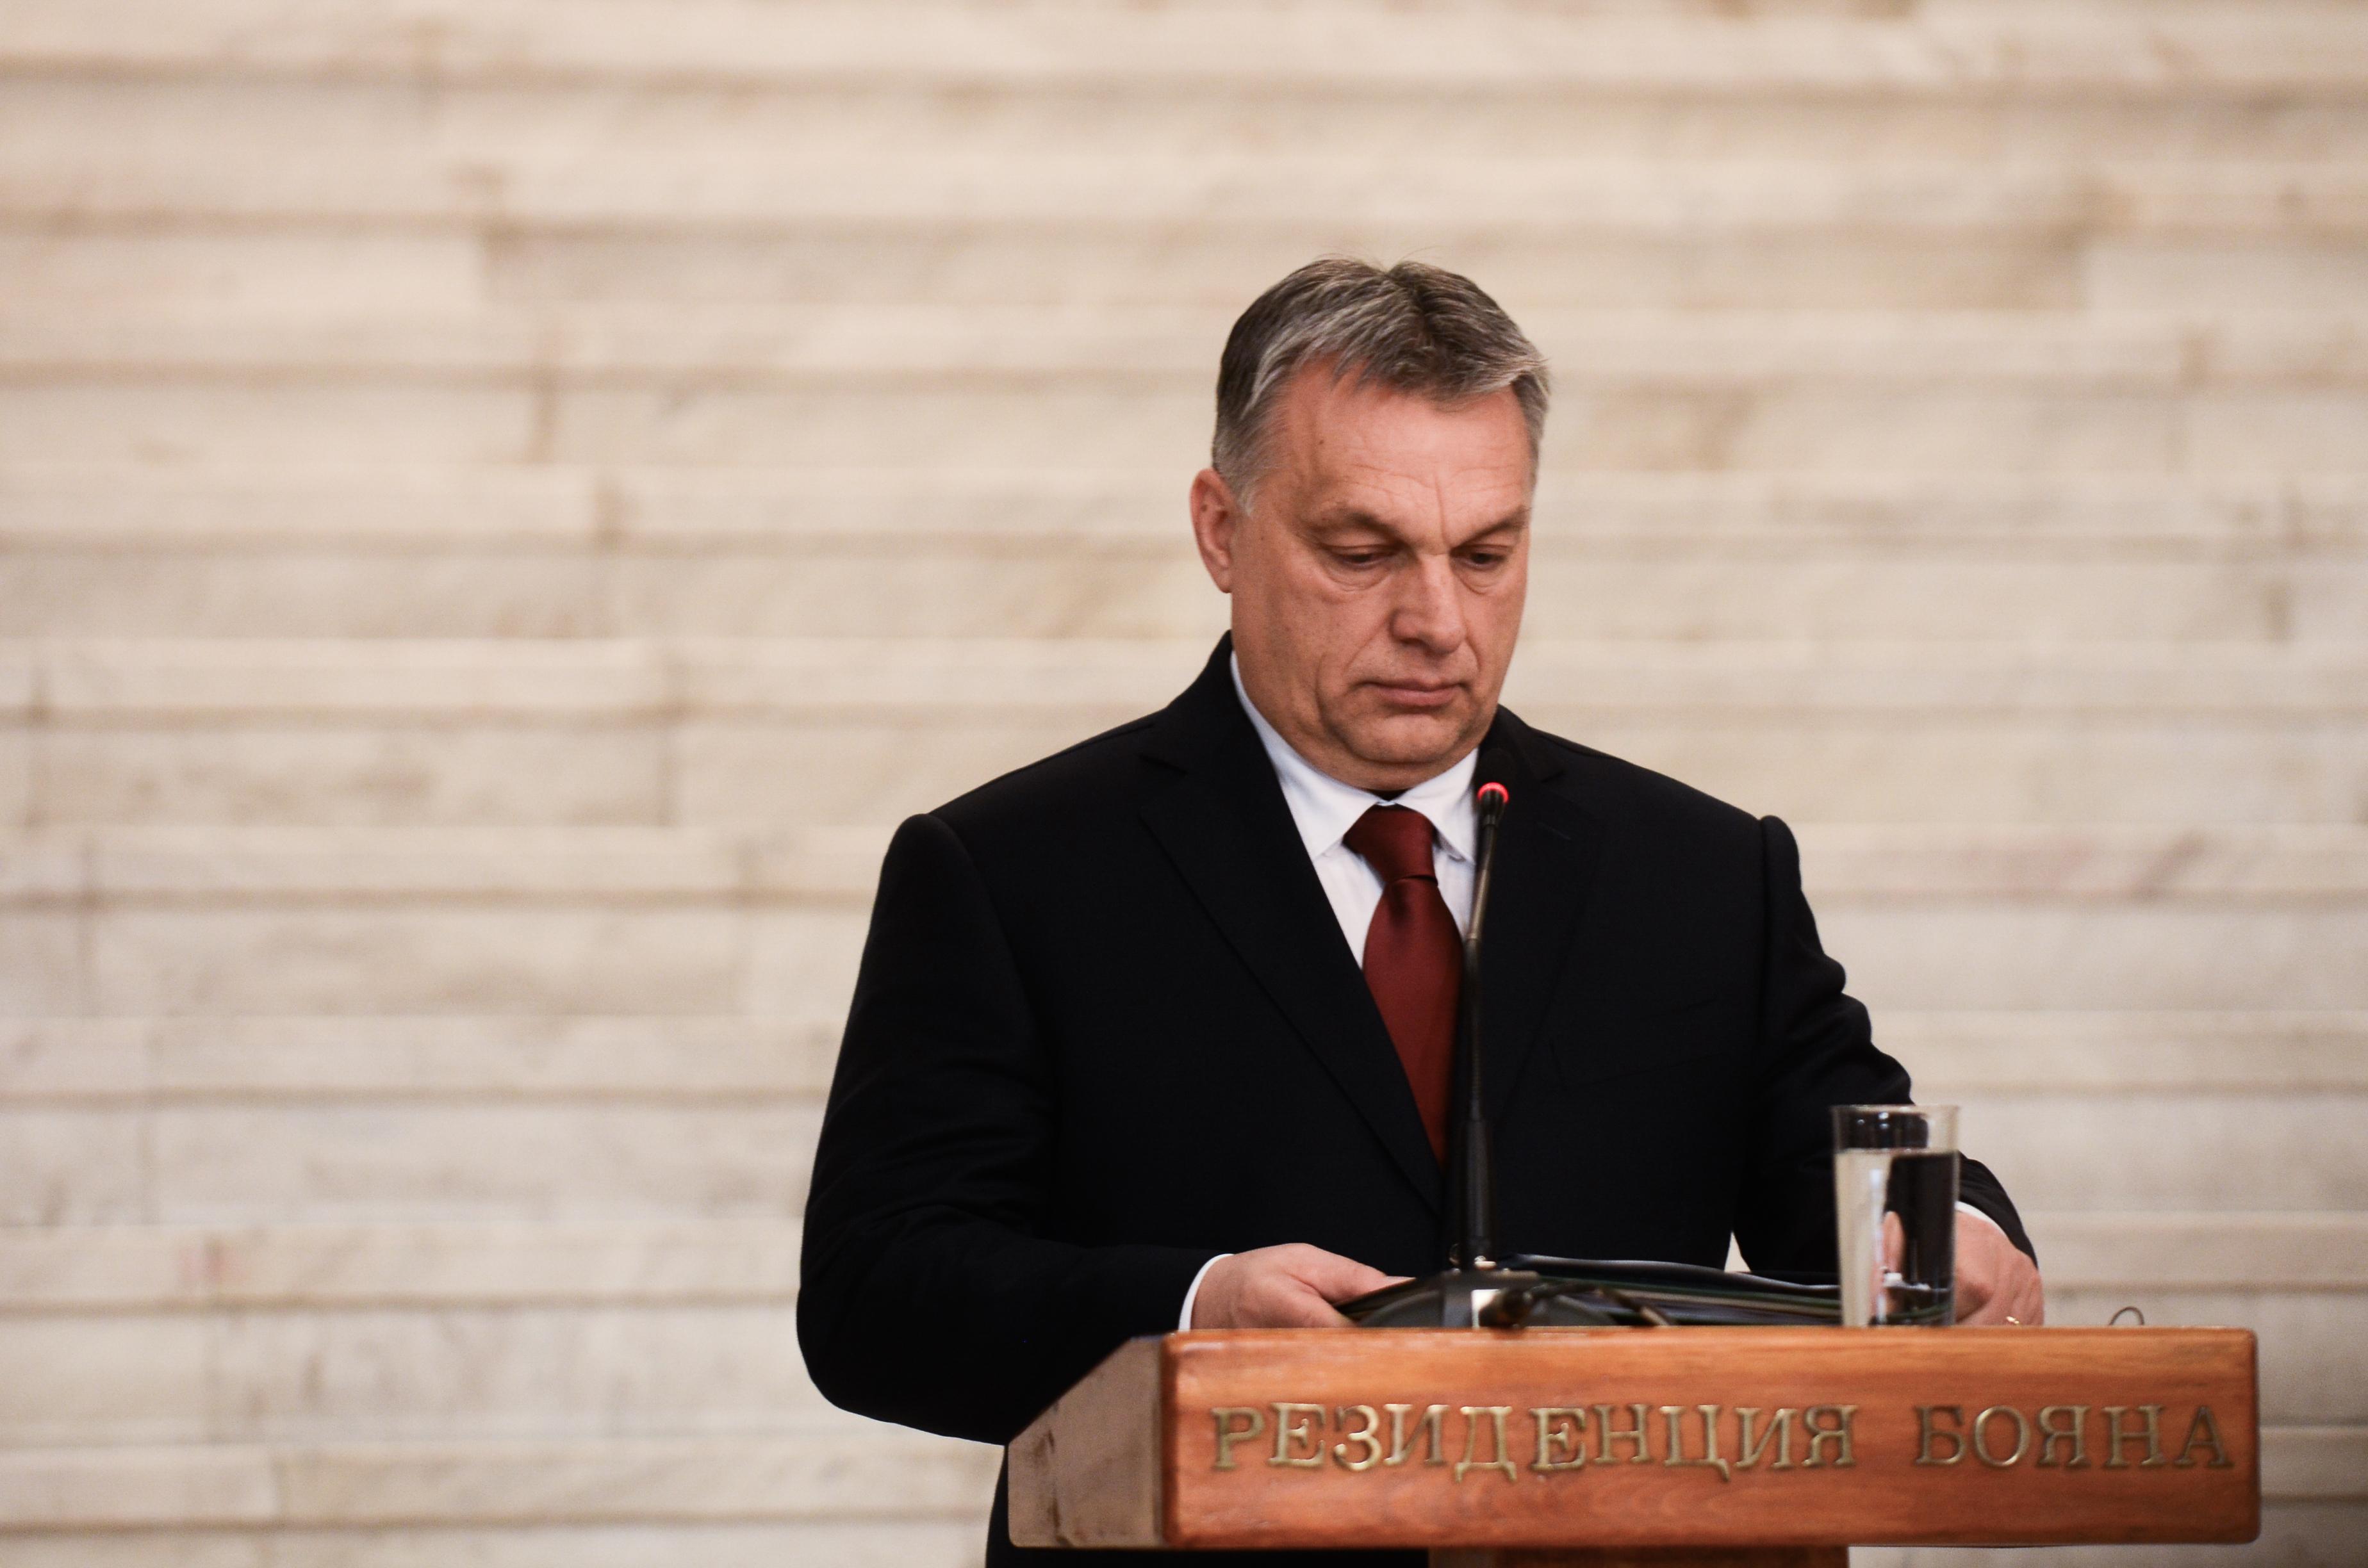 Orbán kitüntette a téli olimpia bajnokait, és jól megdicsérte a kormányt